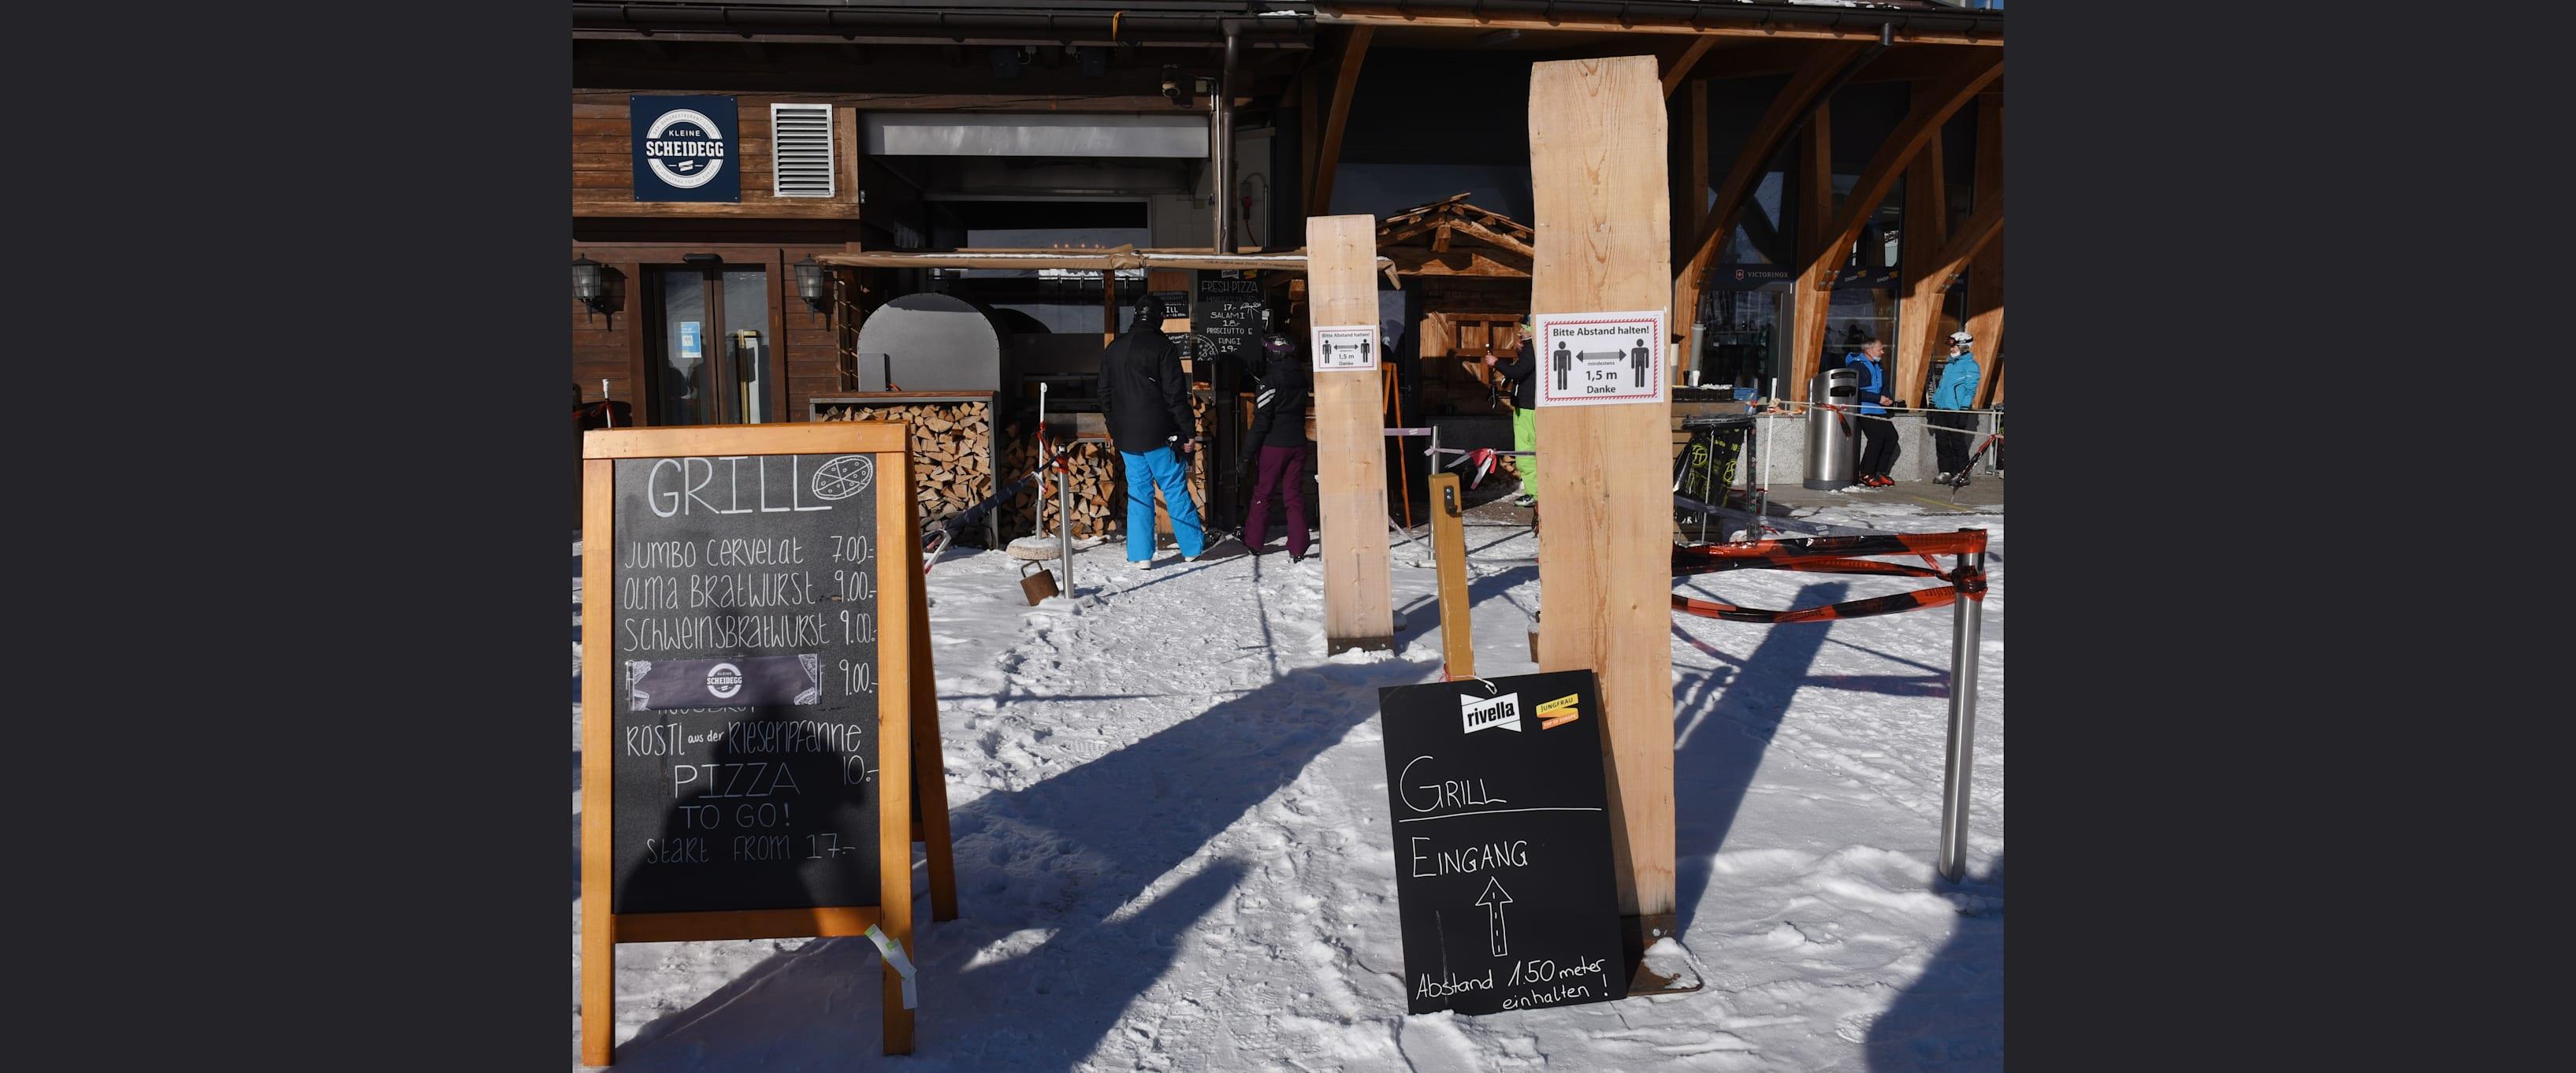 Kleine Scheidegg Take away 2